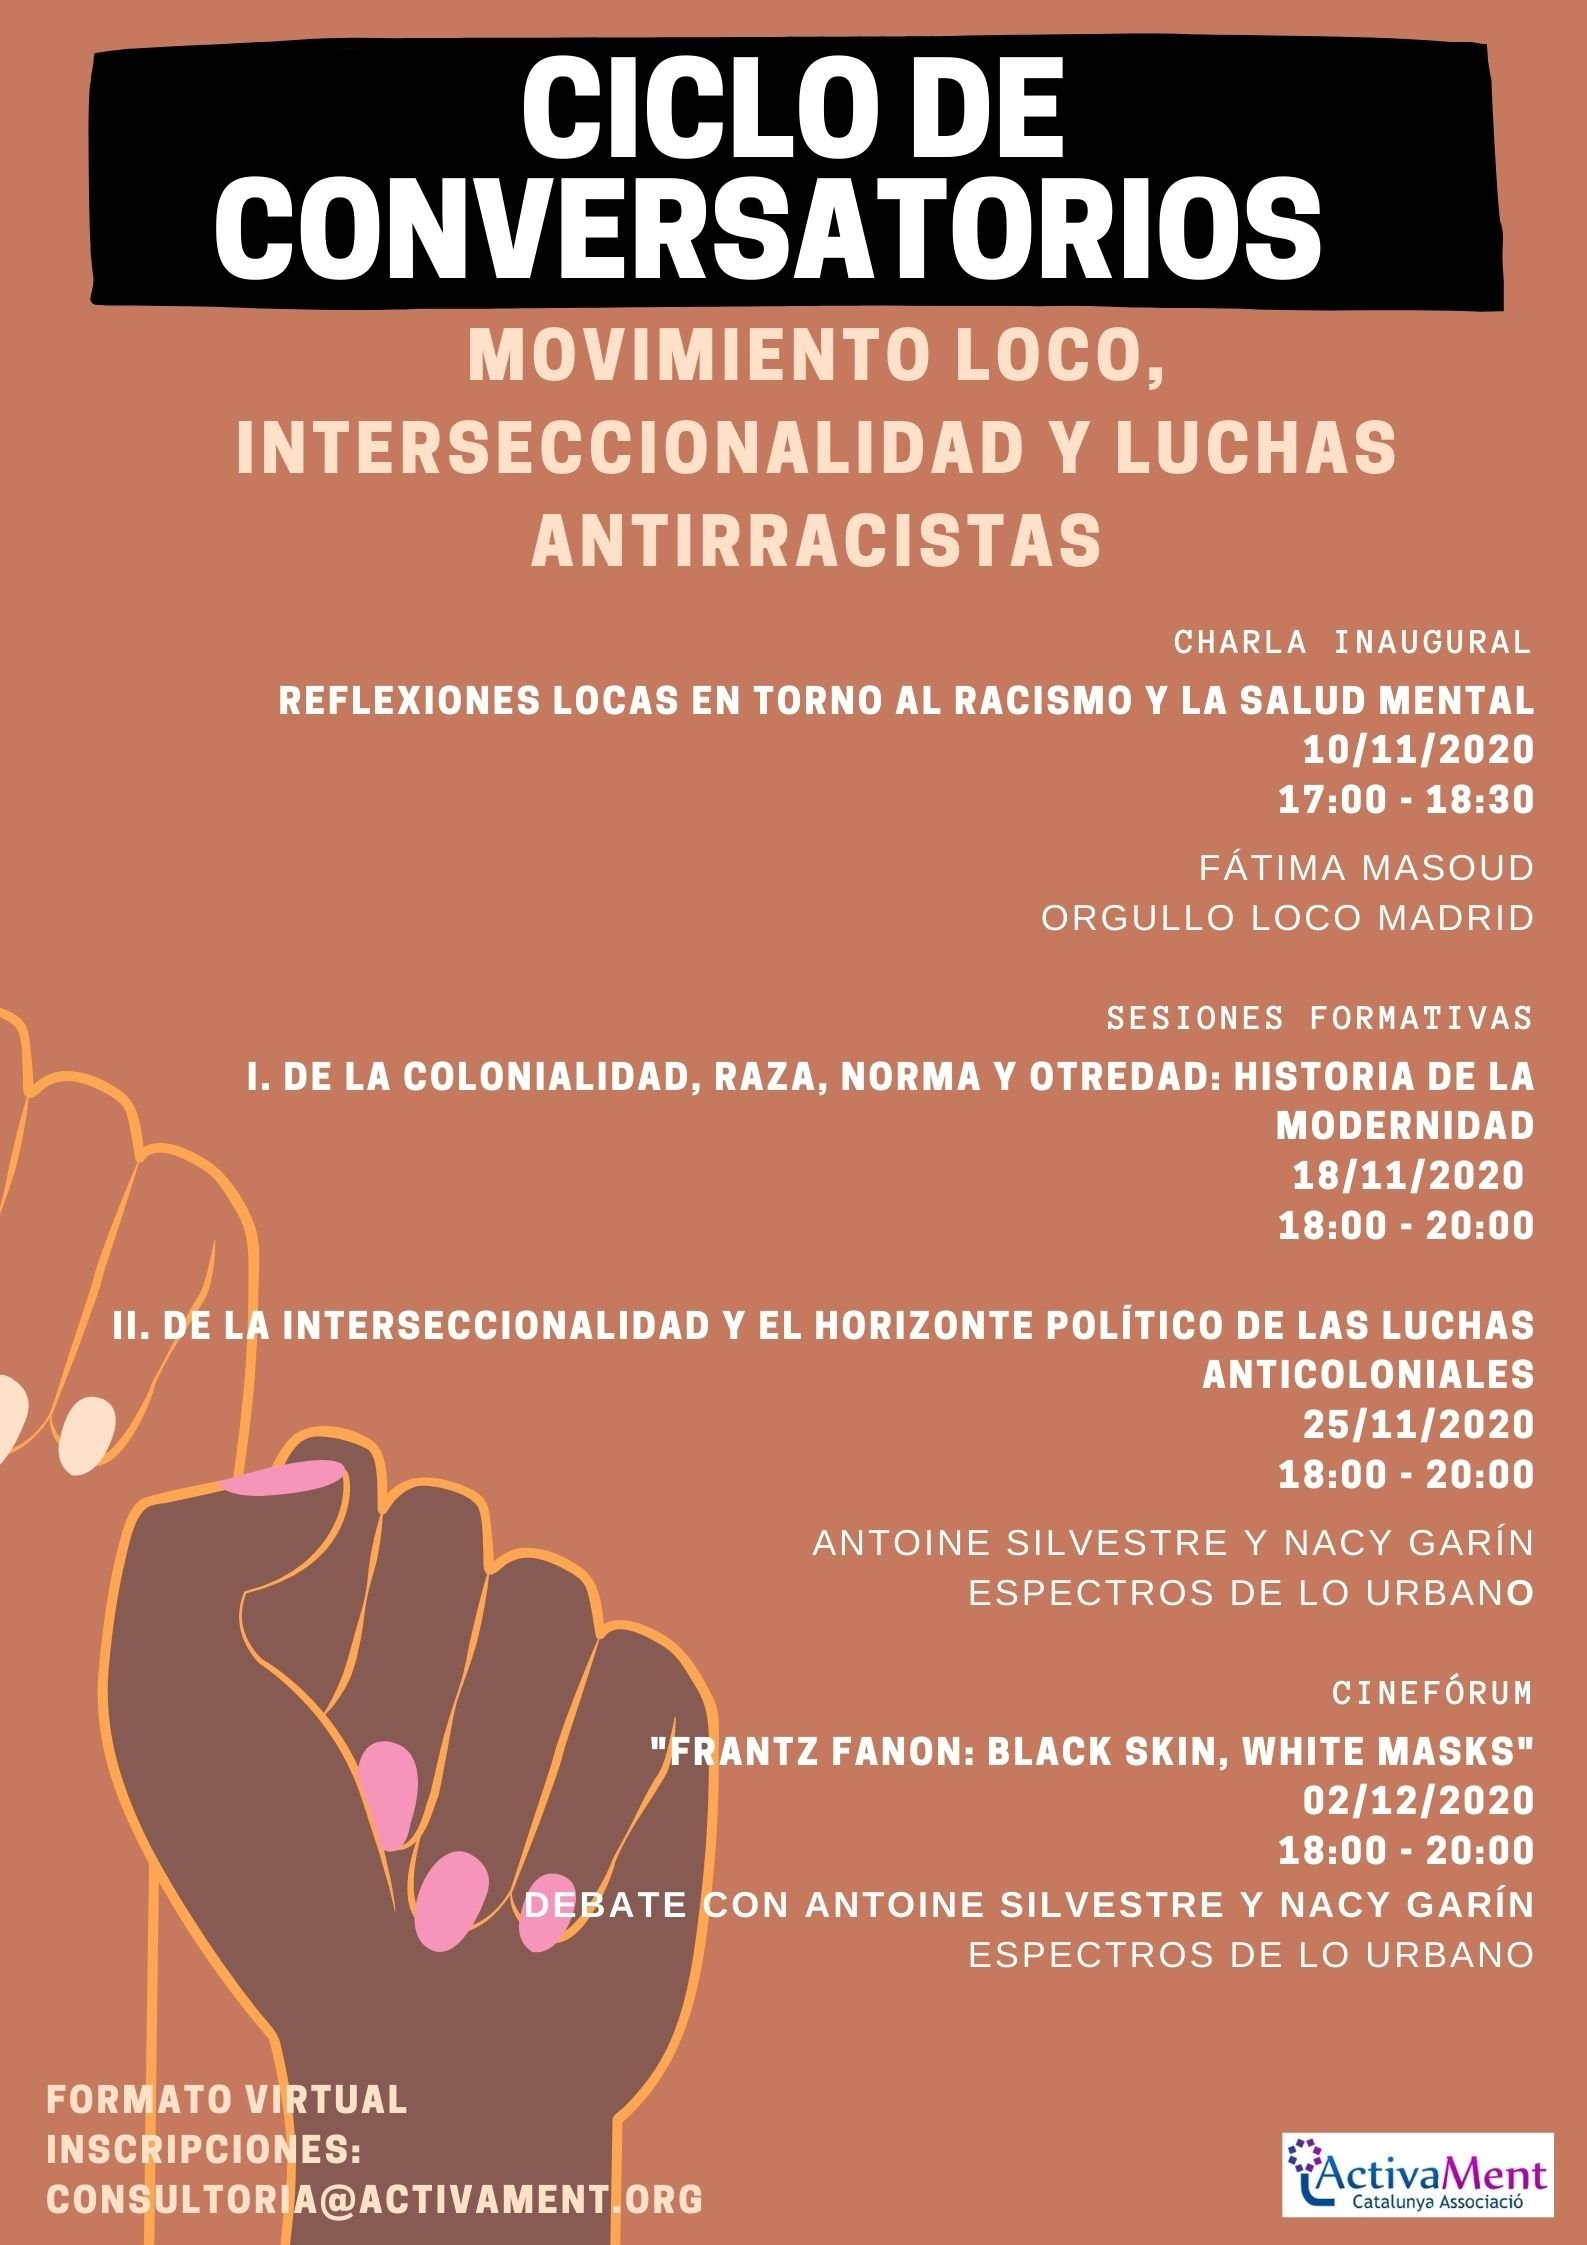 Ciclo Movimiento loco, interseccionalidad y luchas antirracistas